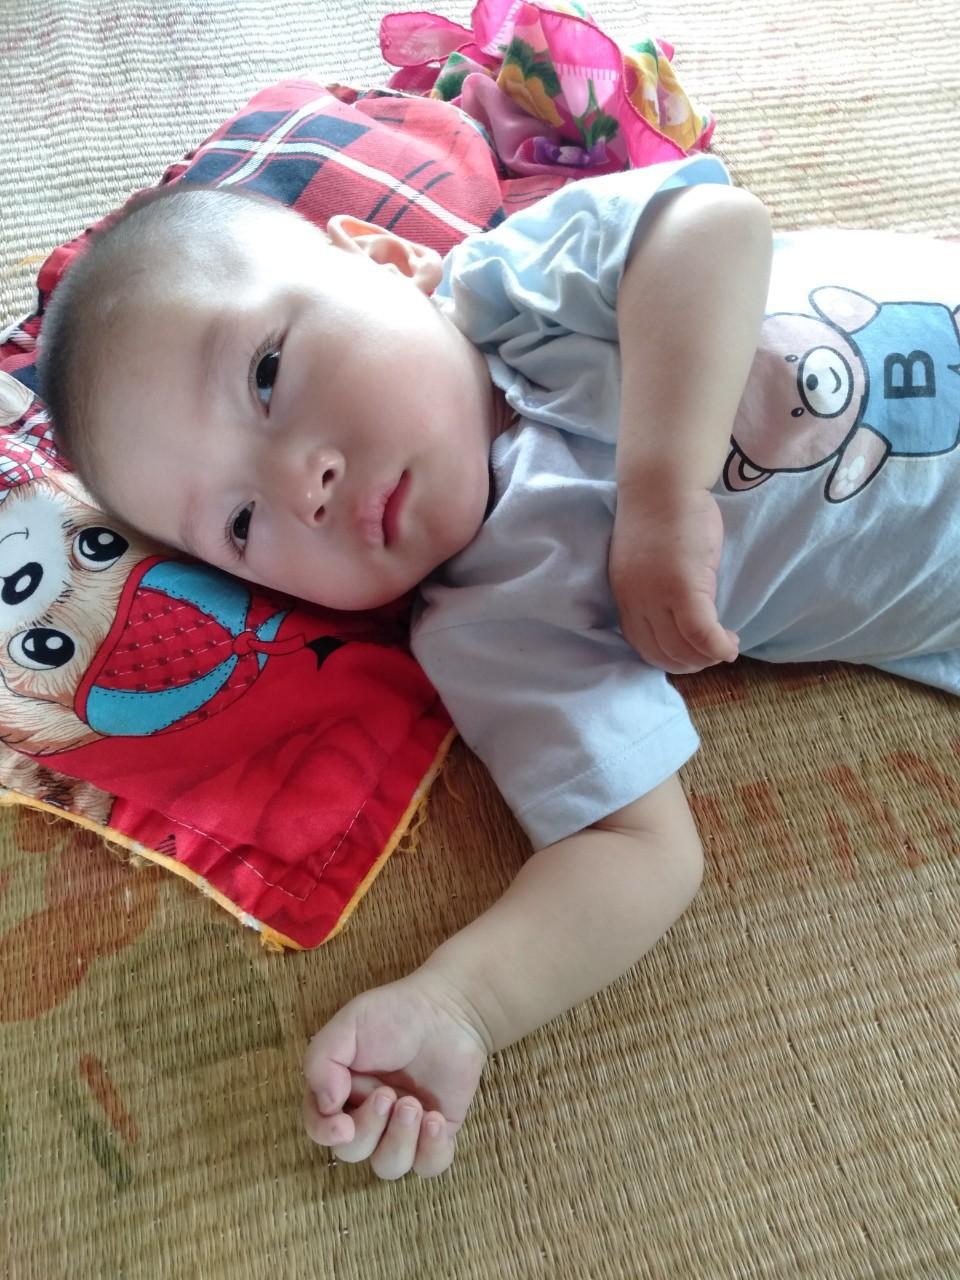 Con trai lớn 5 tuổi mắc bệnh tim, đứa bé 1 tuổi liệt tứ chi, người mẹ nuốt nước mắt cầu xin một cơ hội để cứu con-7